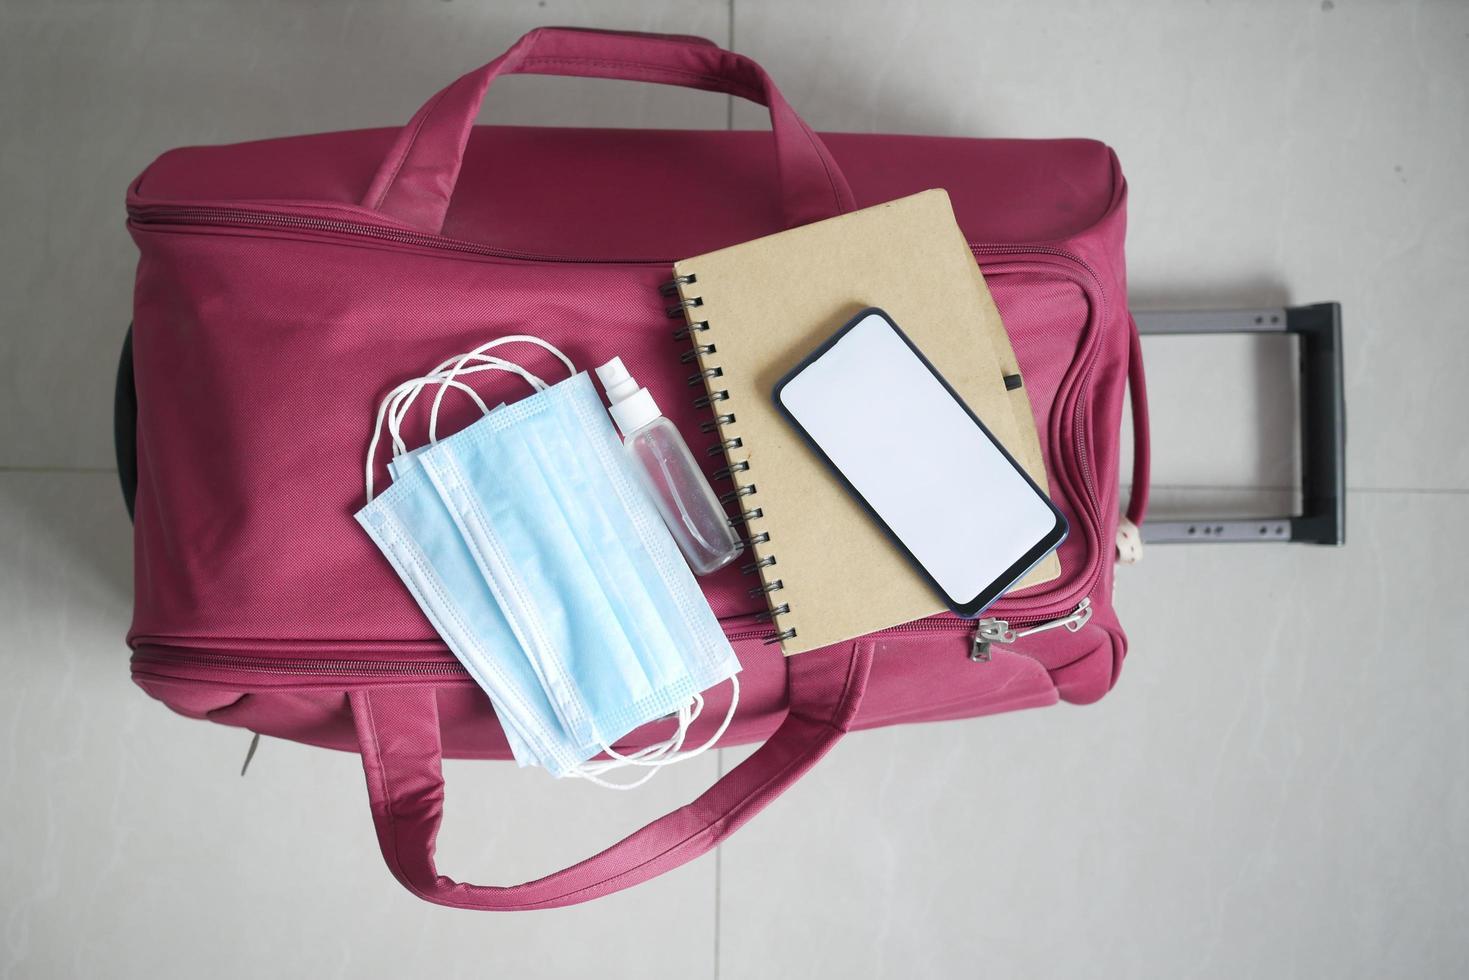 teléfono inteligente, pasaporte, desinfectante de manos y mascarilla en la maleta en el suelo foto